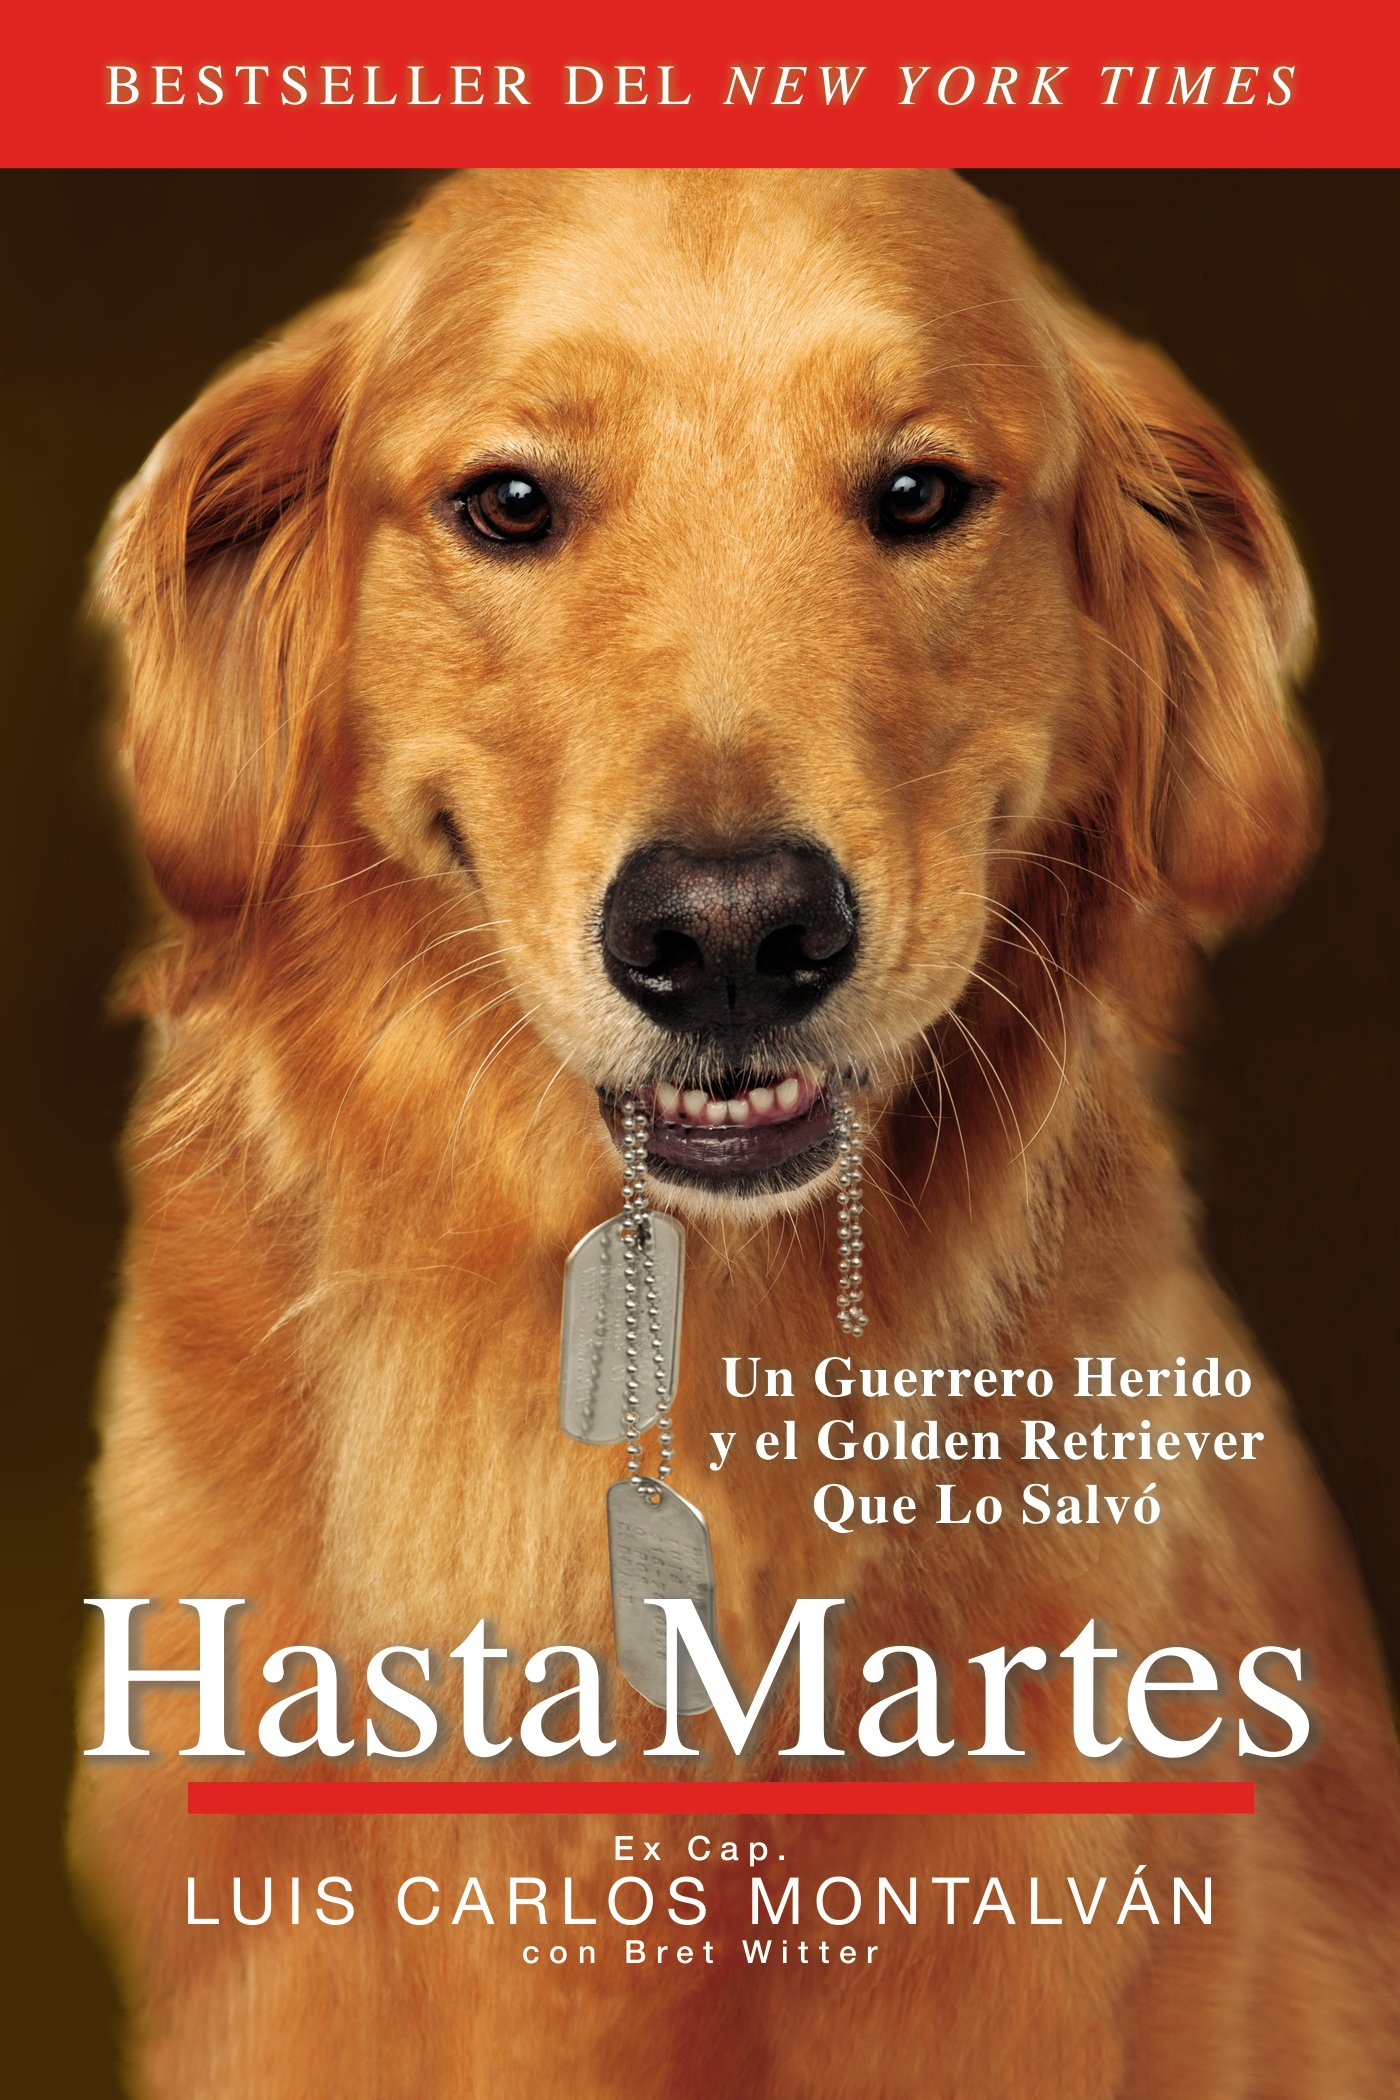 Hasta martes spanish edition luis carlos montalvn 9780147509338 hasta martes spanish edition luis carlos montalvn 9780147509338 amazon books fandeluxe Gallery